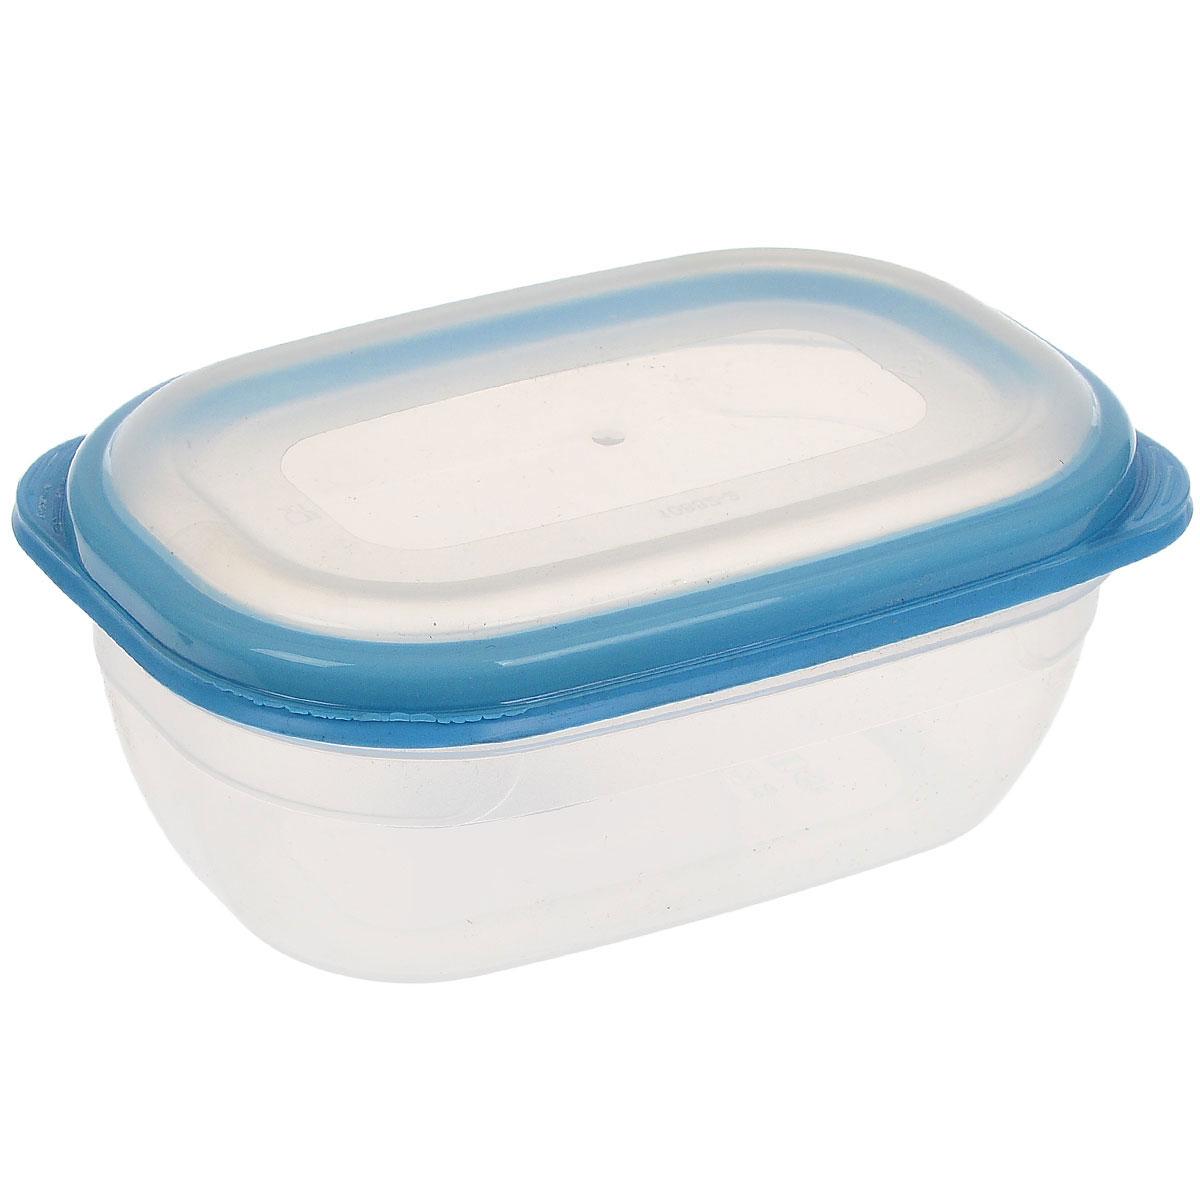 """Прямоугольный контейнер для СВЧ Полимербыт """"Премиум"""" изготовлен из высококачественного прочного пластика, устойчивого к высоким температурам (до +110°С). Крышка плотно и герметично закрывается, дольше сохраняя продукты свежими и вкусными. Контейнер идеально подходит для хранения пищи, его удобно брать с собой на работу, учебу, пикник или просто использовать для хранения пищи в холодильнике. Подходит для разогрева пищи в микроволновой печи и для заморозки в морозильной камере (при минимальной температуре -40°С). Можно мыть в посудомоечной машине."""